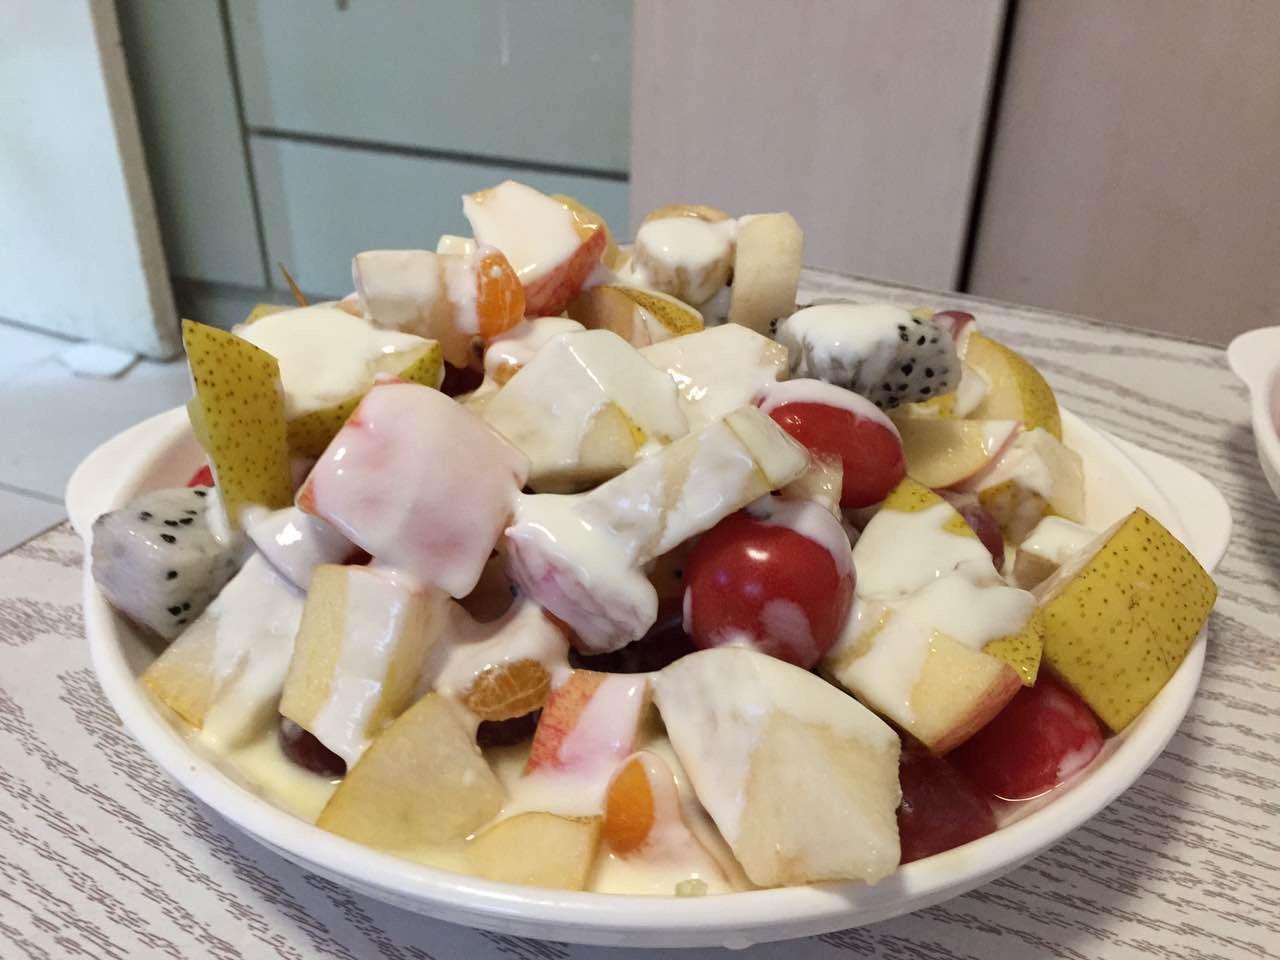 9元) 减肥水果沙拉的做法步骤 1.